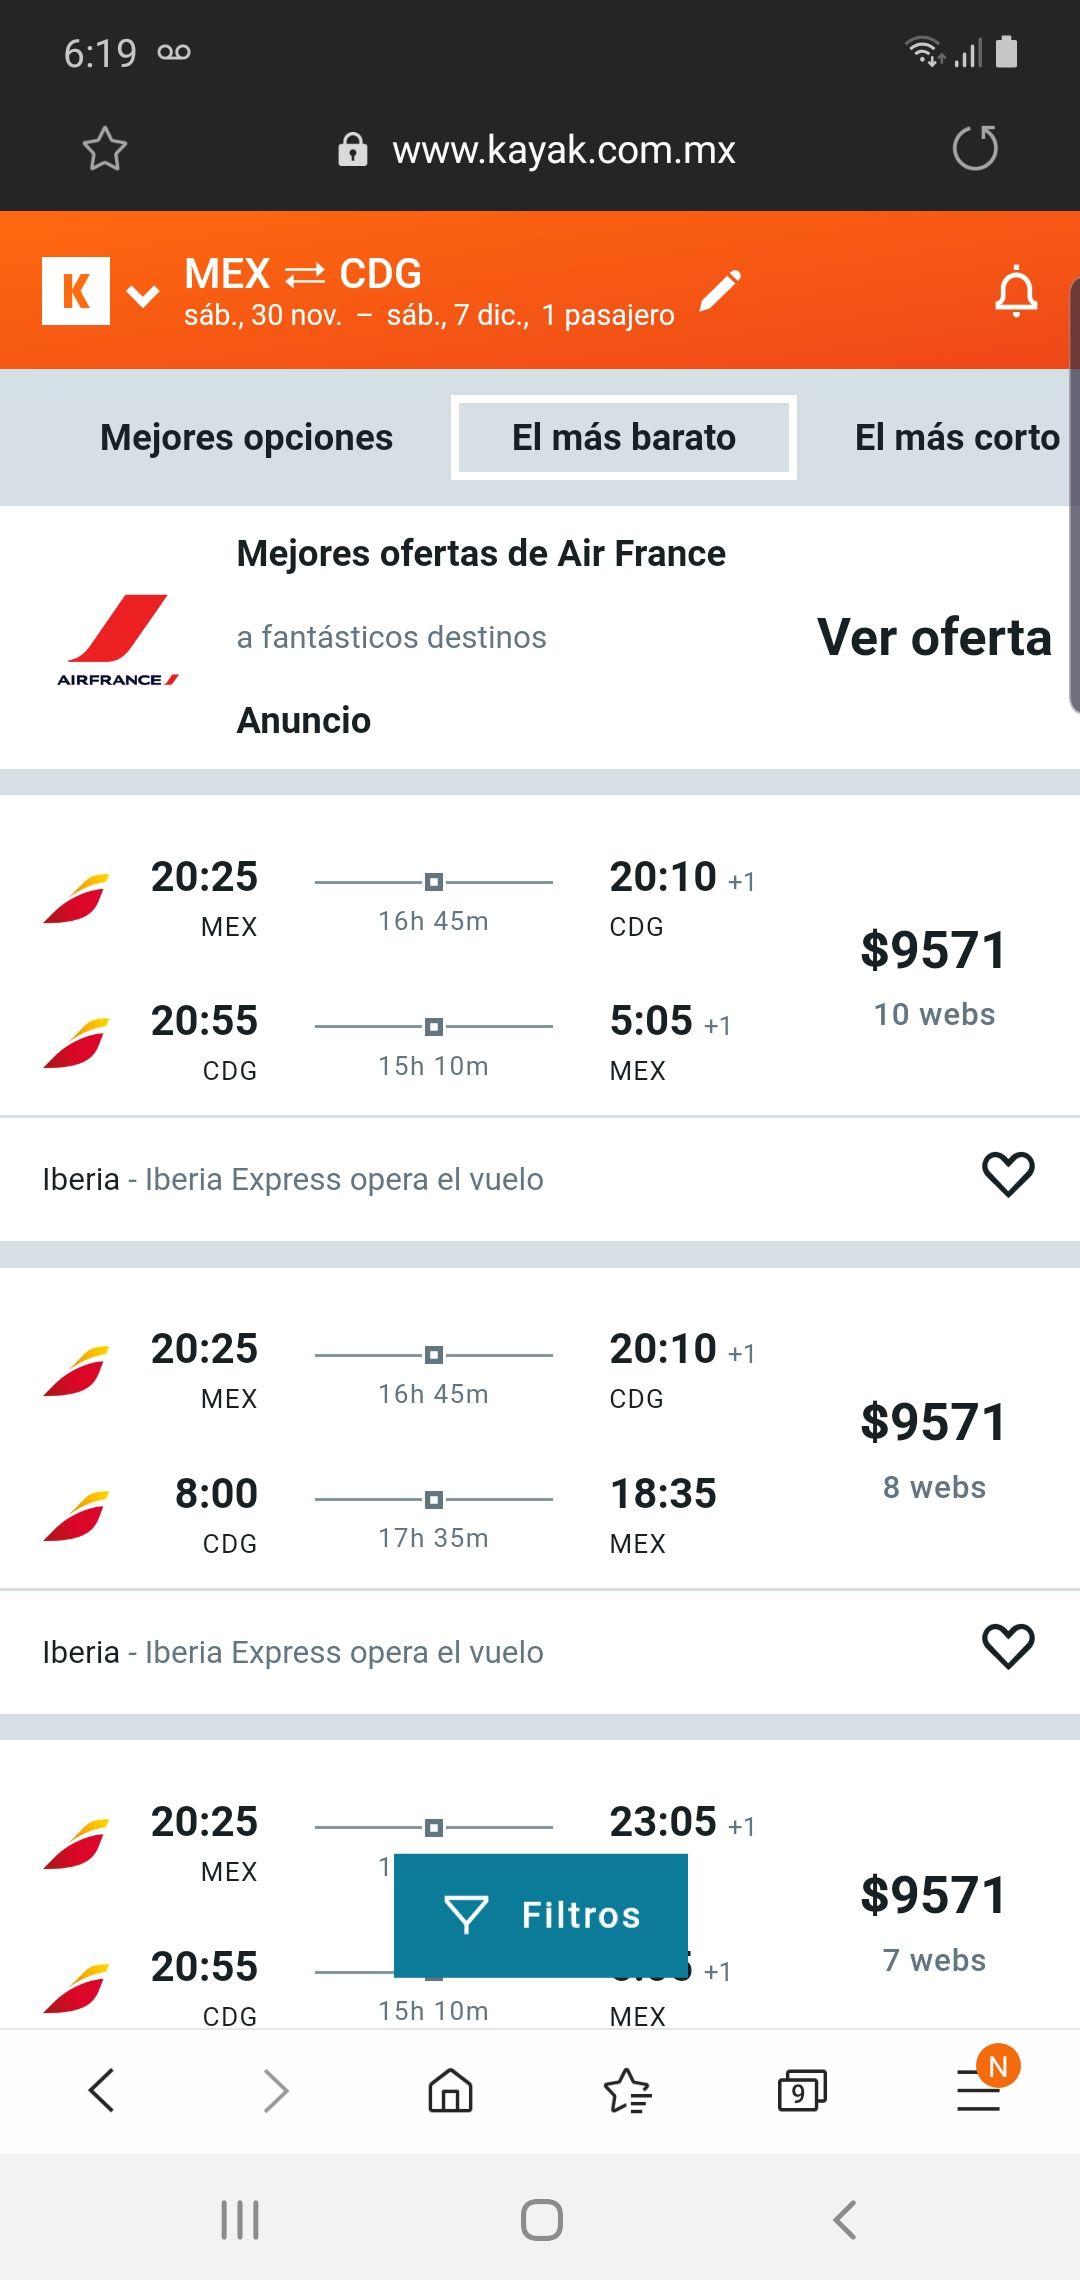 Vuelo redondo México París $9571.0 por iberia 30nov-7dic